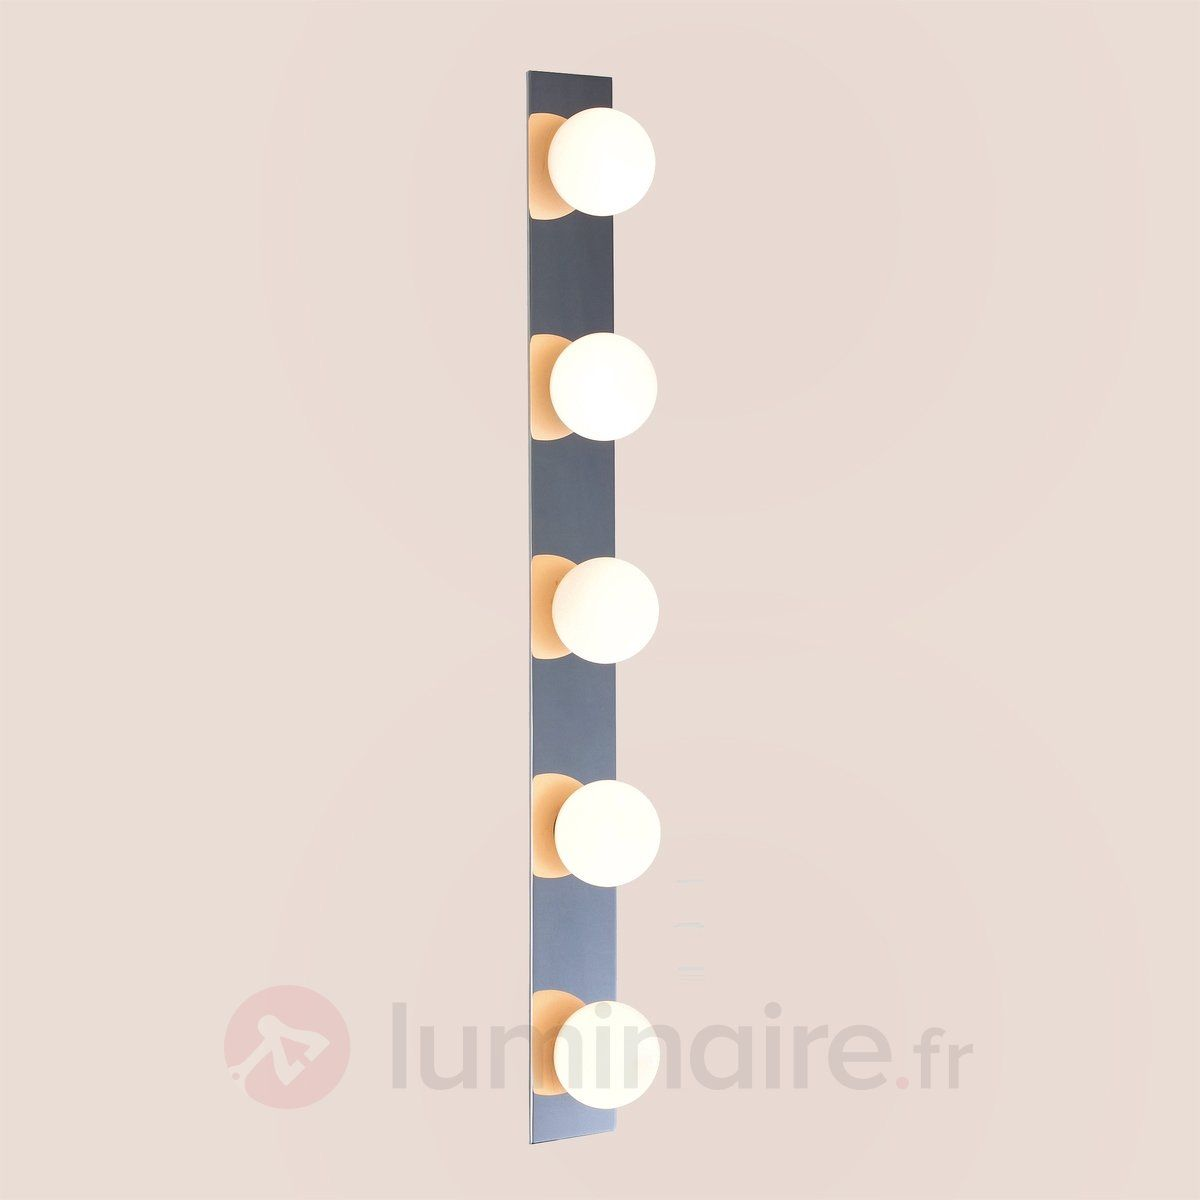 Mettez vos envies en lumière grâce à Luminaire.fr